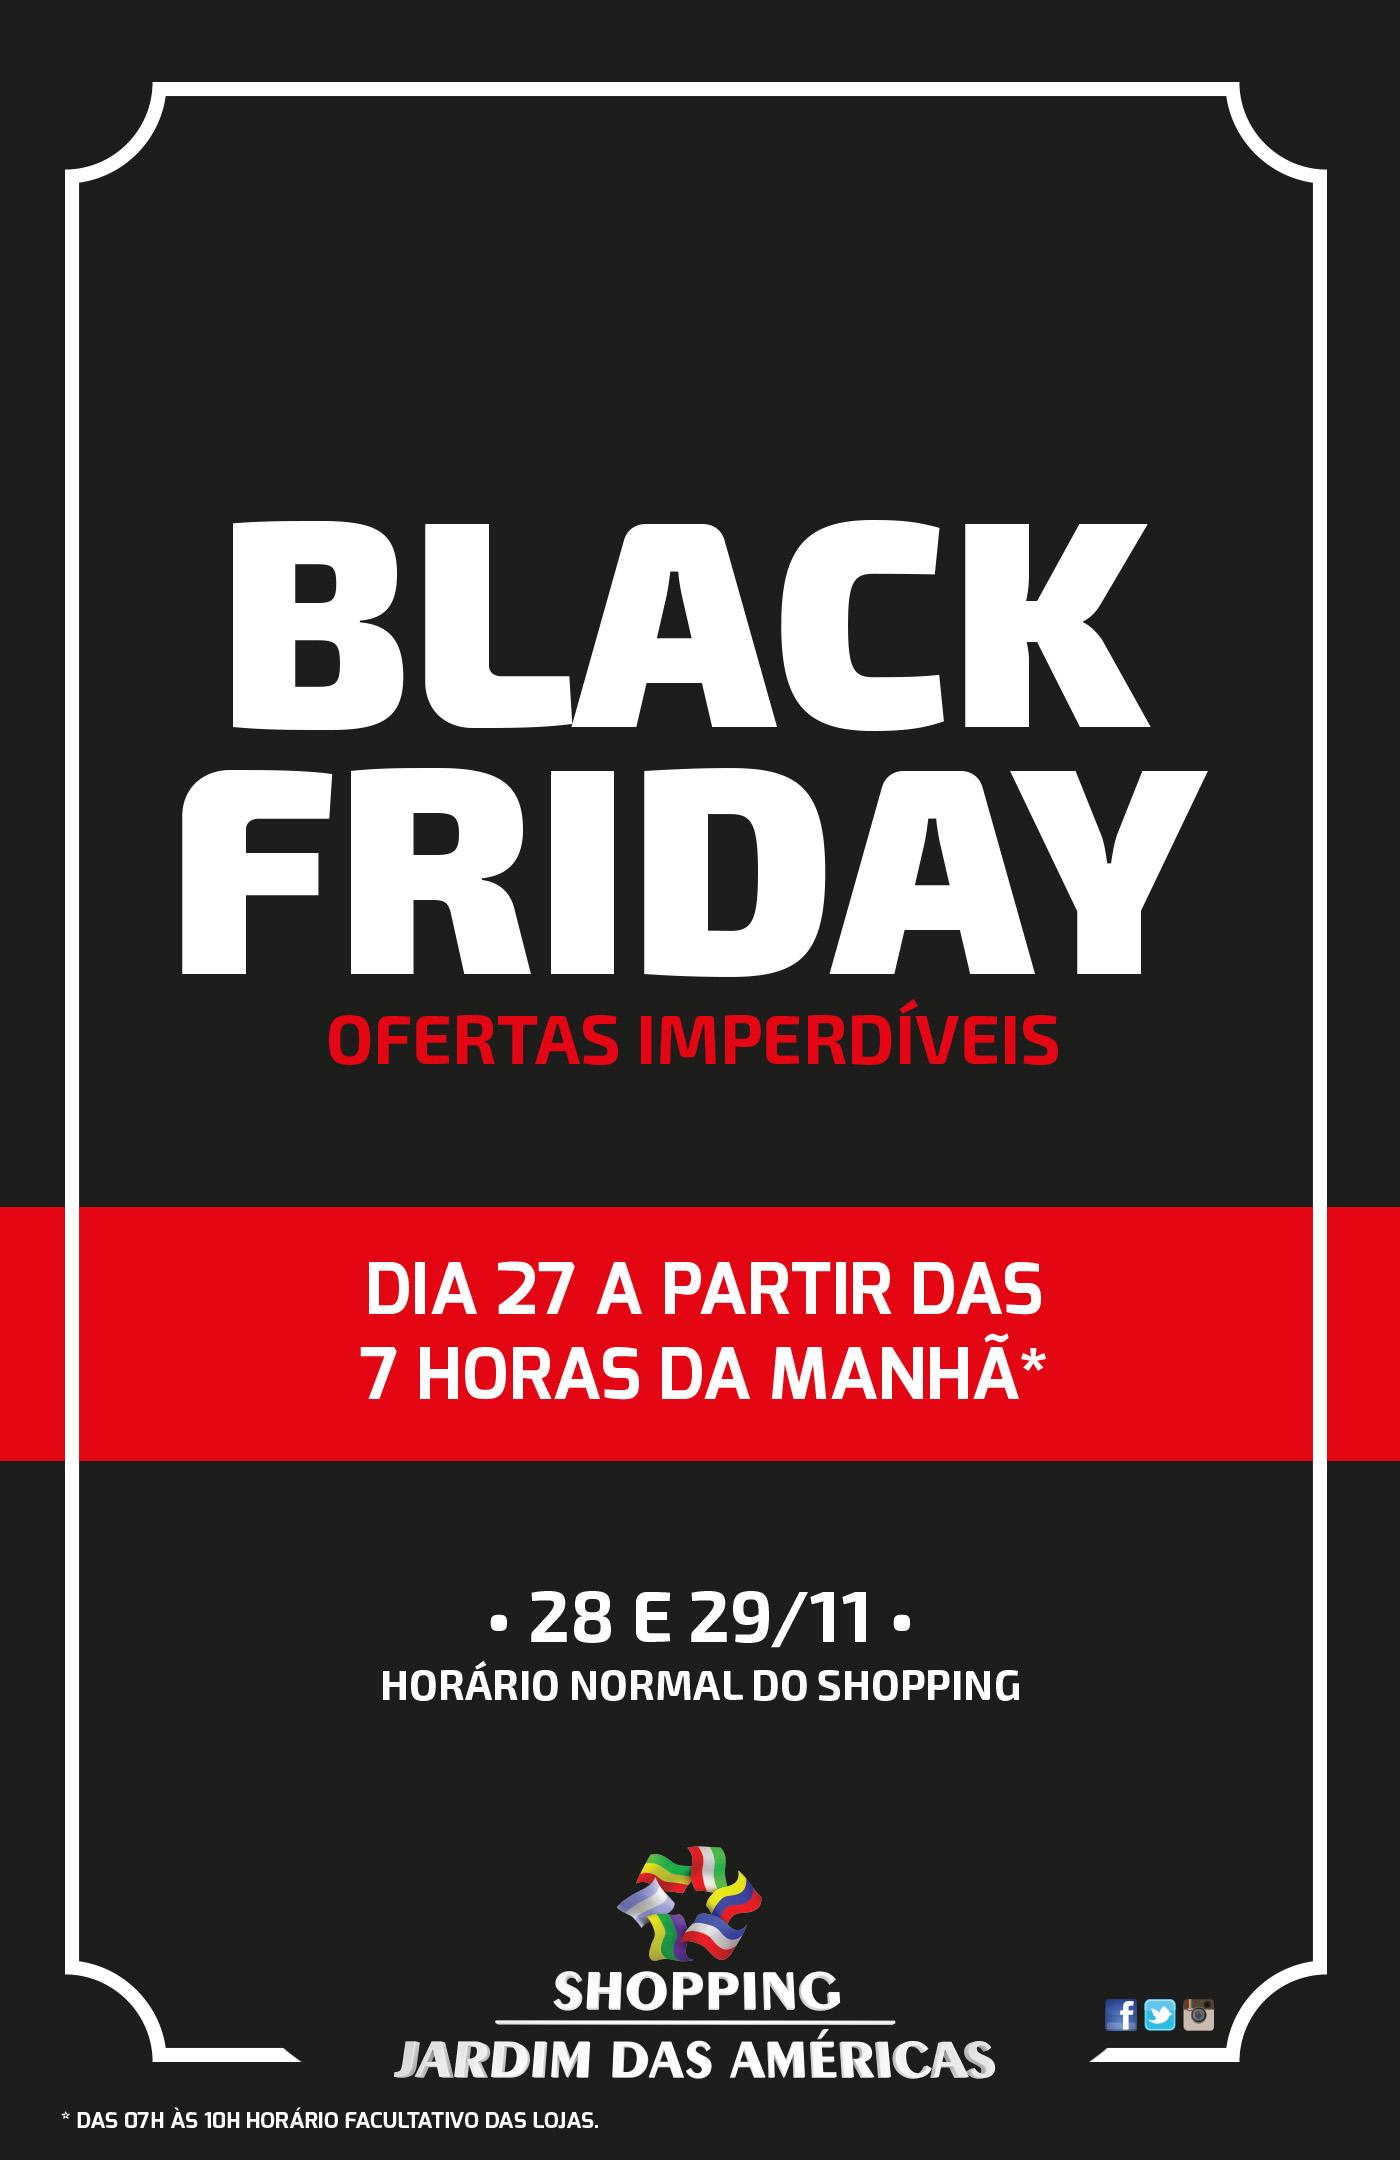 6fdc5373863 Black Friday no Shopping Jardim das Américas com promoções e horário ...